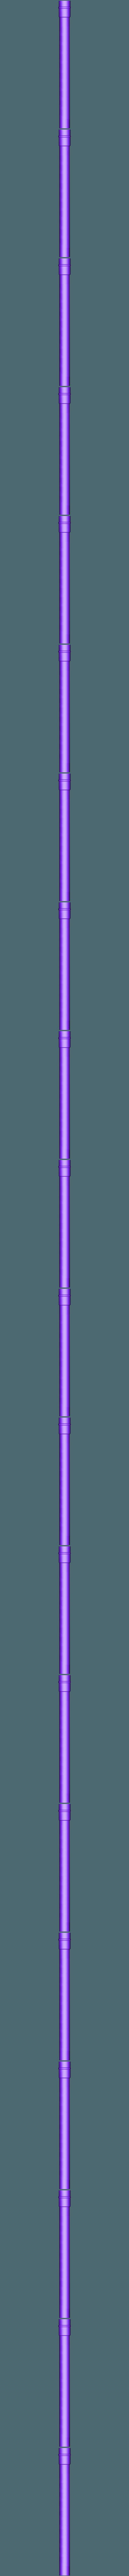 STL_S5_v20_Bottom_Barrell_.stl Télécharger fichier STL gratuit Pistolet Star Wars Naboo S5 Heavy Blaster • Objet pour impression 3D, Dsk